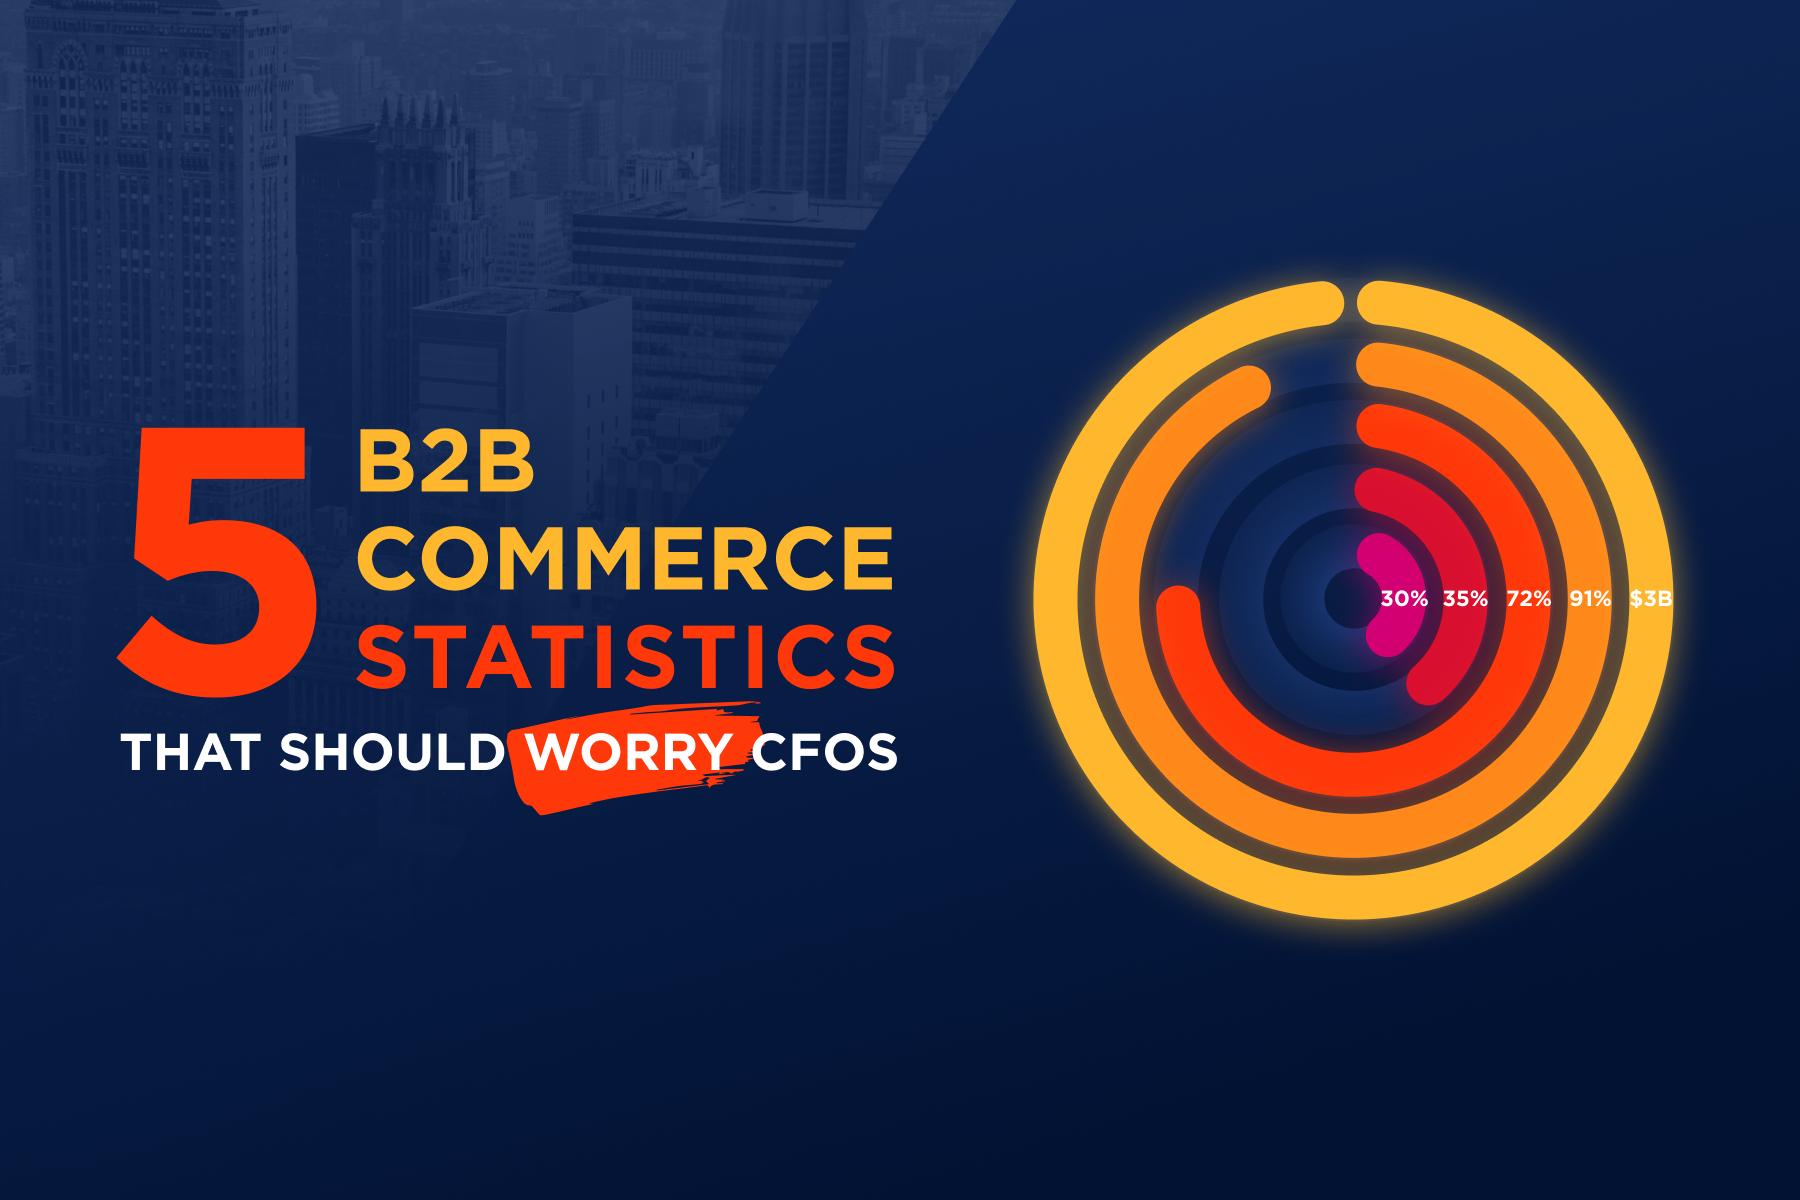 5 b2b commerce statistics